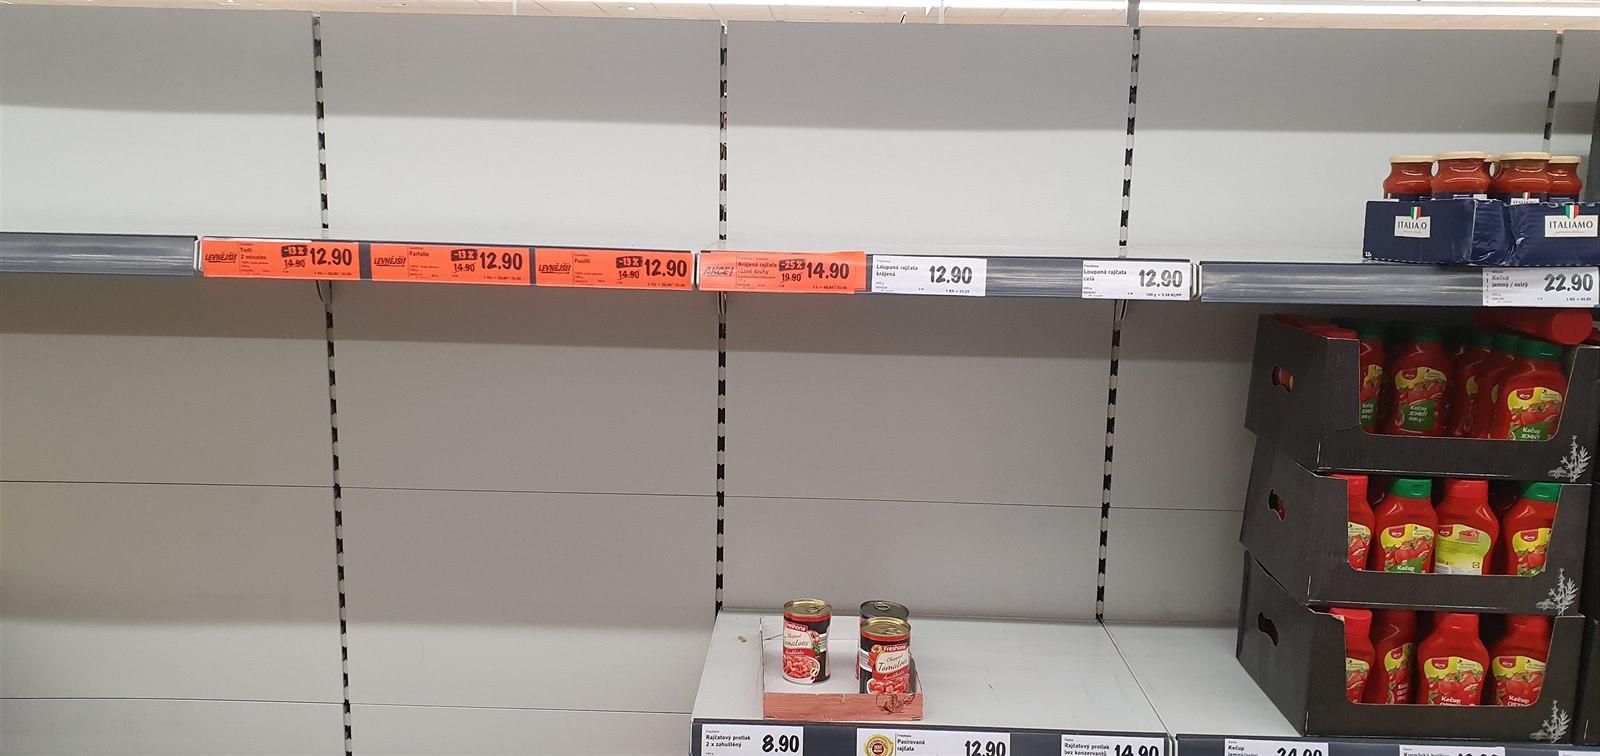 Regály v supermarketu Lidl v městské části Praha 5 (26. února 2020)